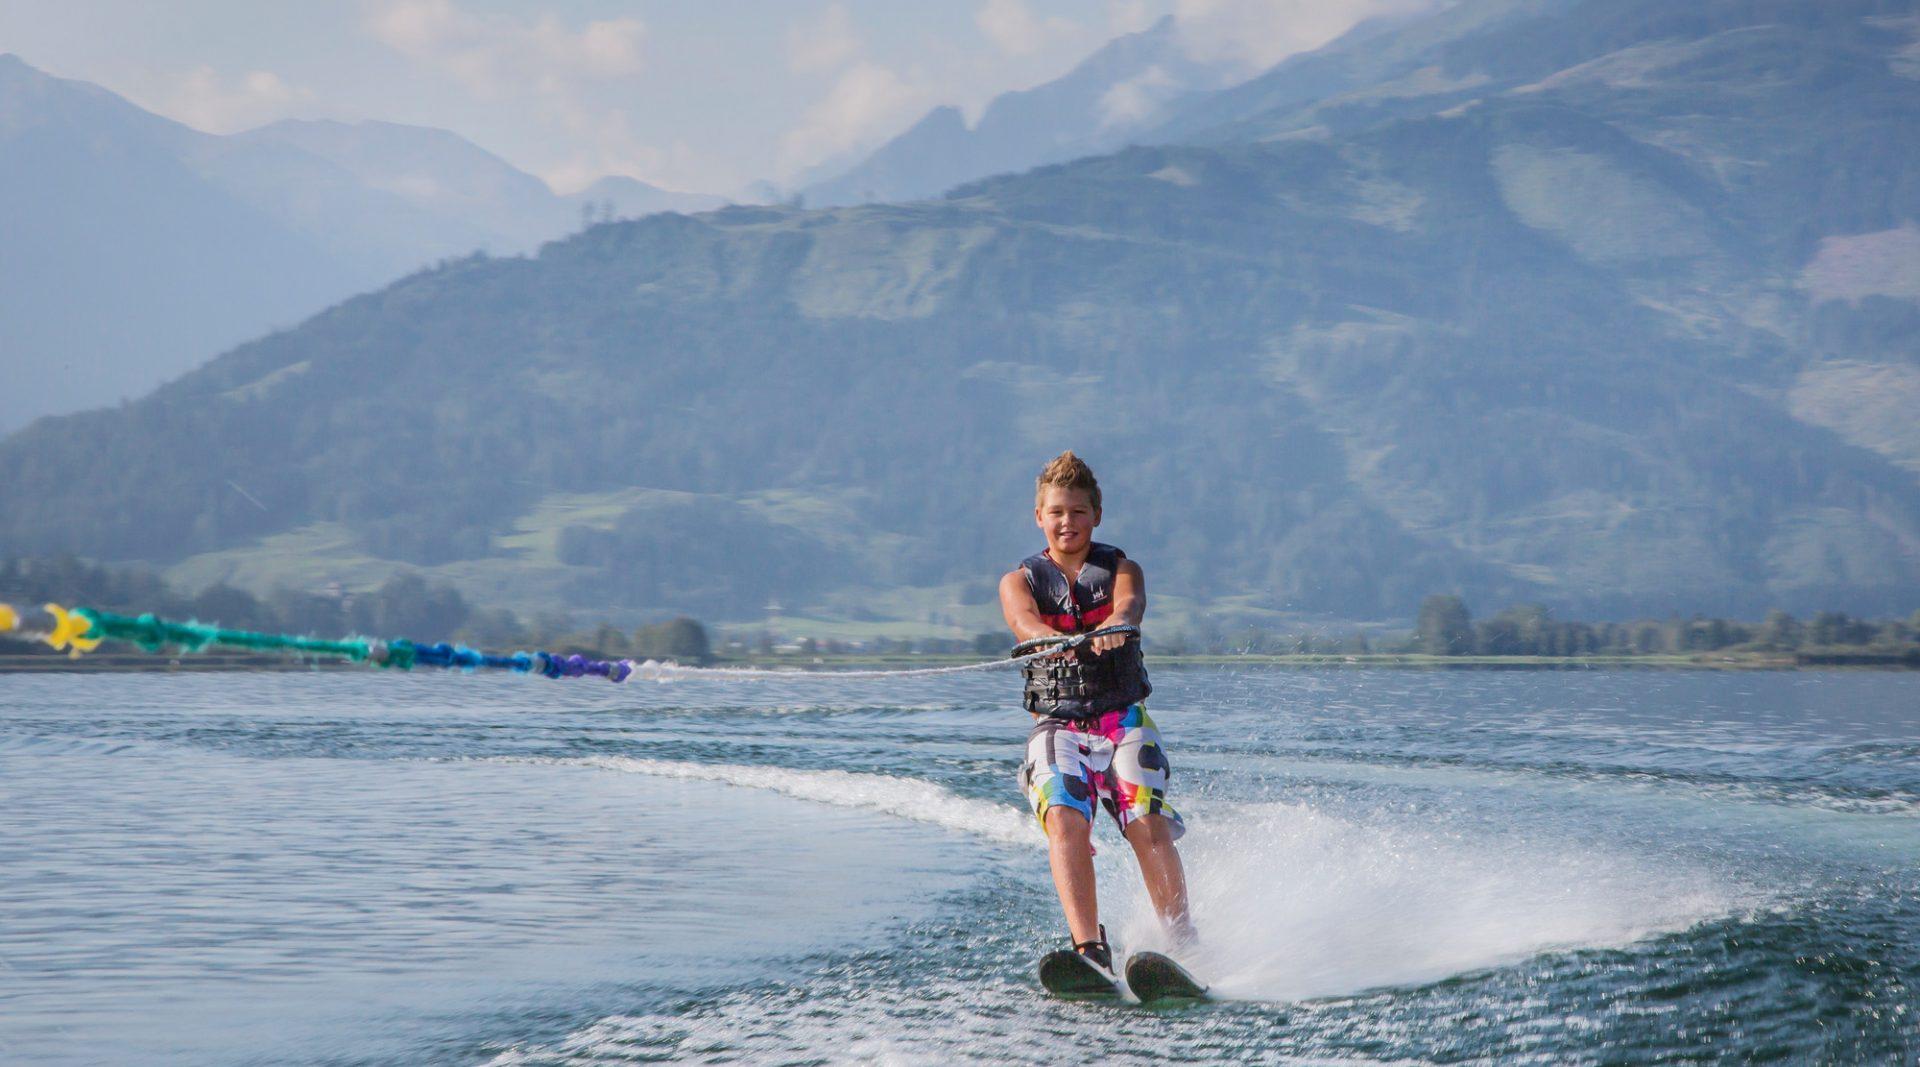 © SalzburgerLand Tourismus, Eva-Maria Repolusk - An einem herrlichen Sommertag gibt es nichts Schöneres, als auf Wasserski die Seen unsicher zu machen.